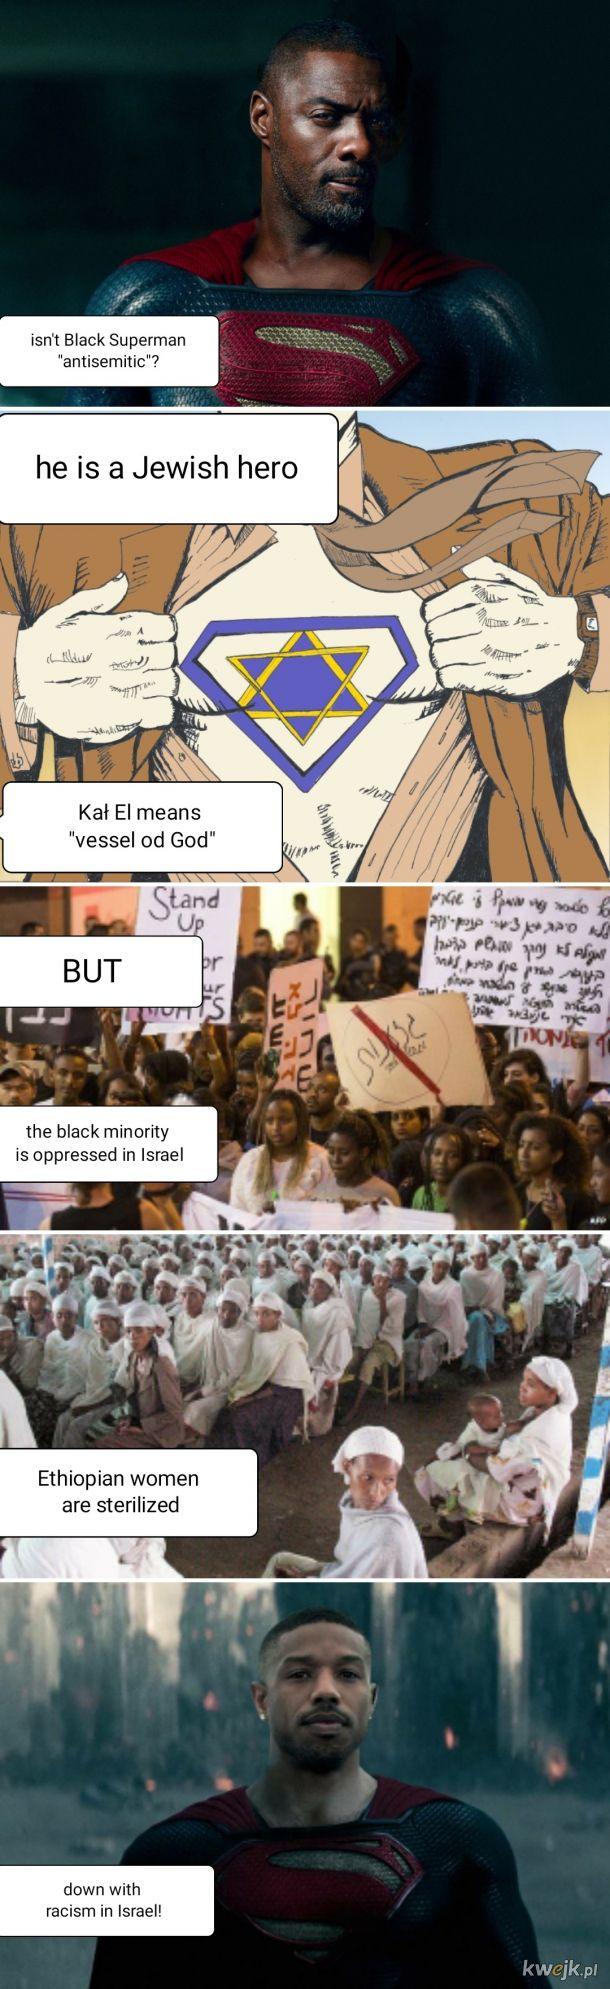 precz z izraelskim rasizmem